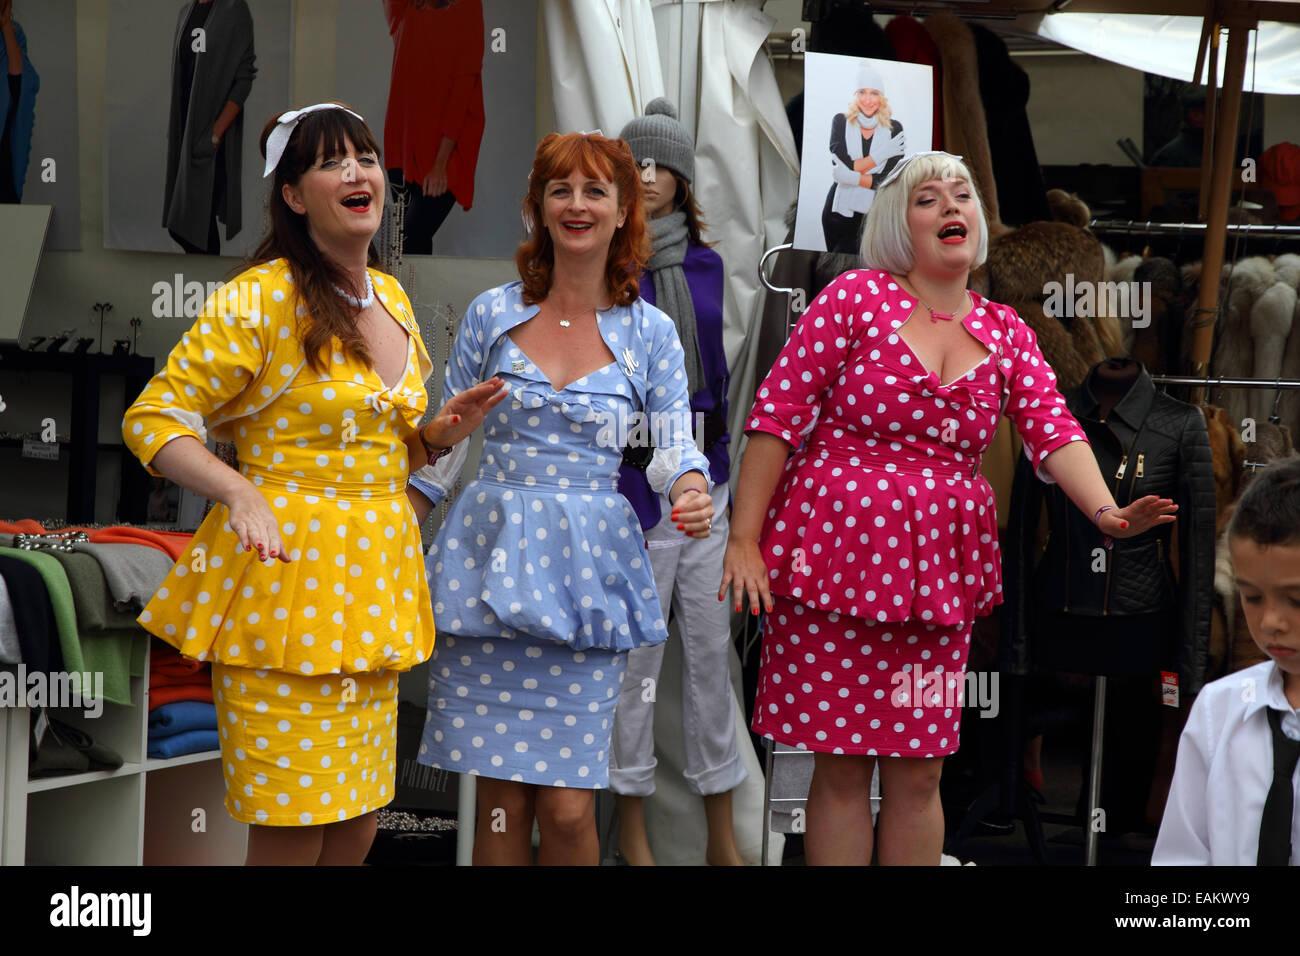 Goodwood Revival 2014, 50er Jahre-Stil Sänger in Polka Dot Kleider Stockbild